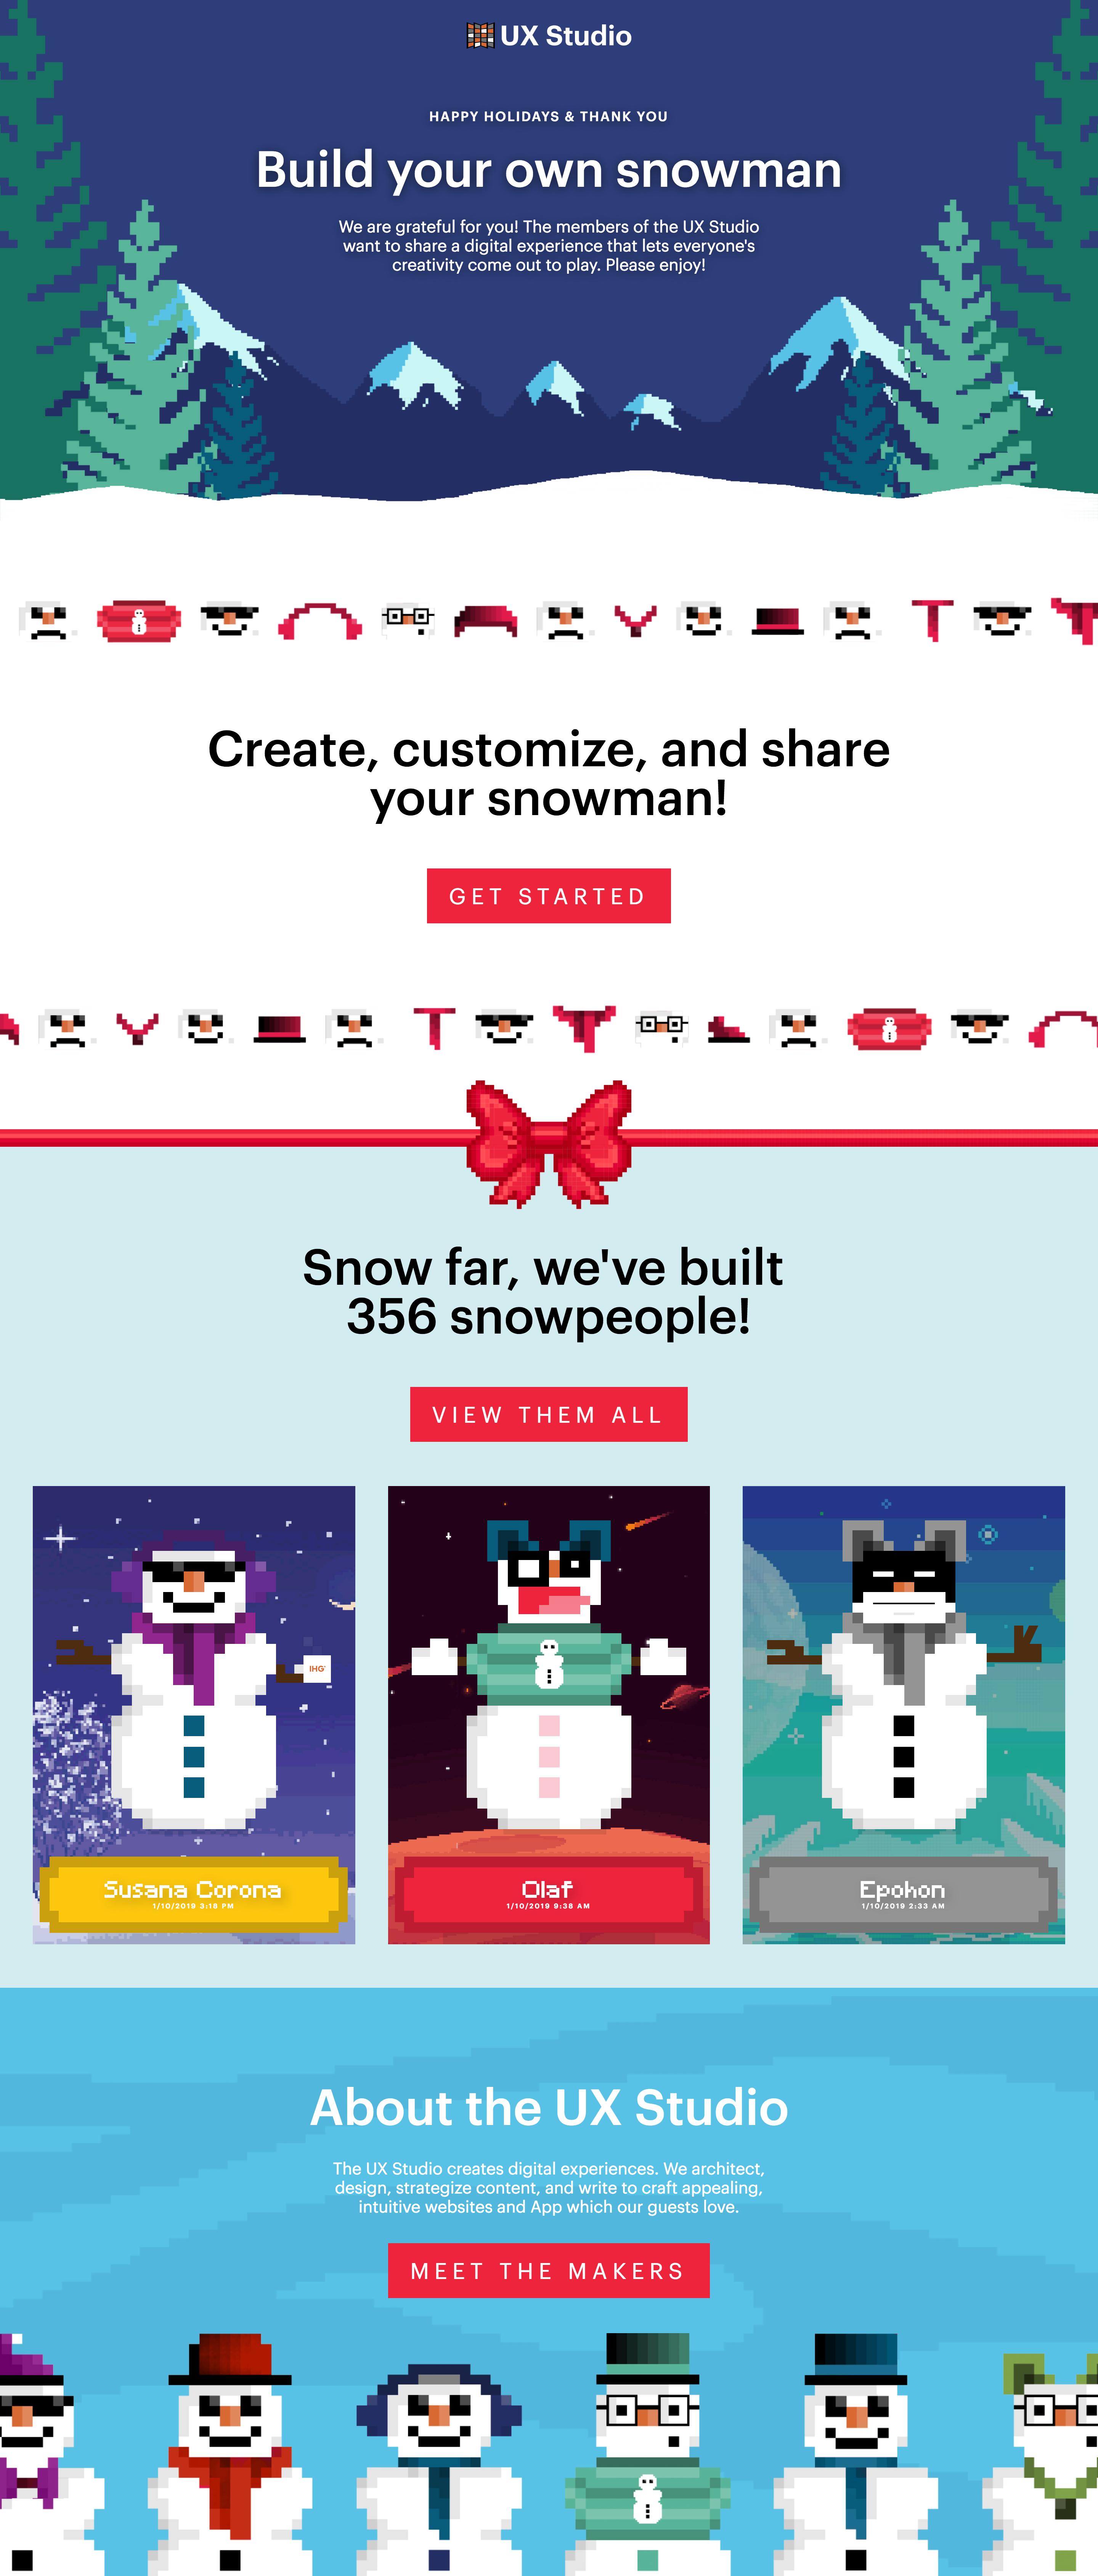 Snowperson Builder - UX Project - UX/Web Design Portfolio of